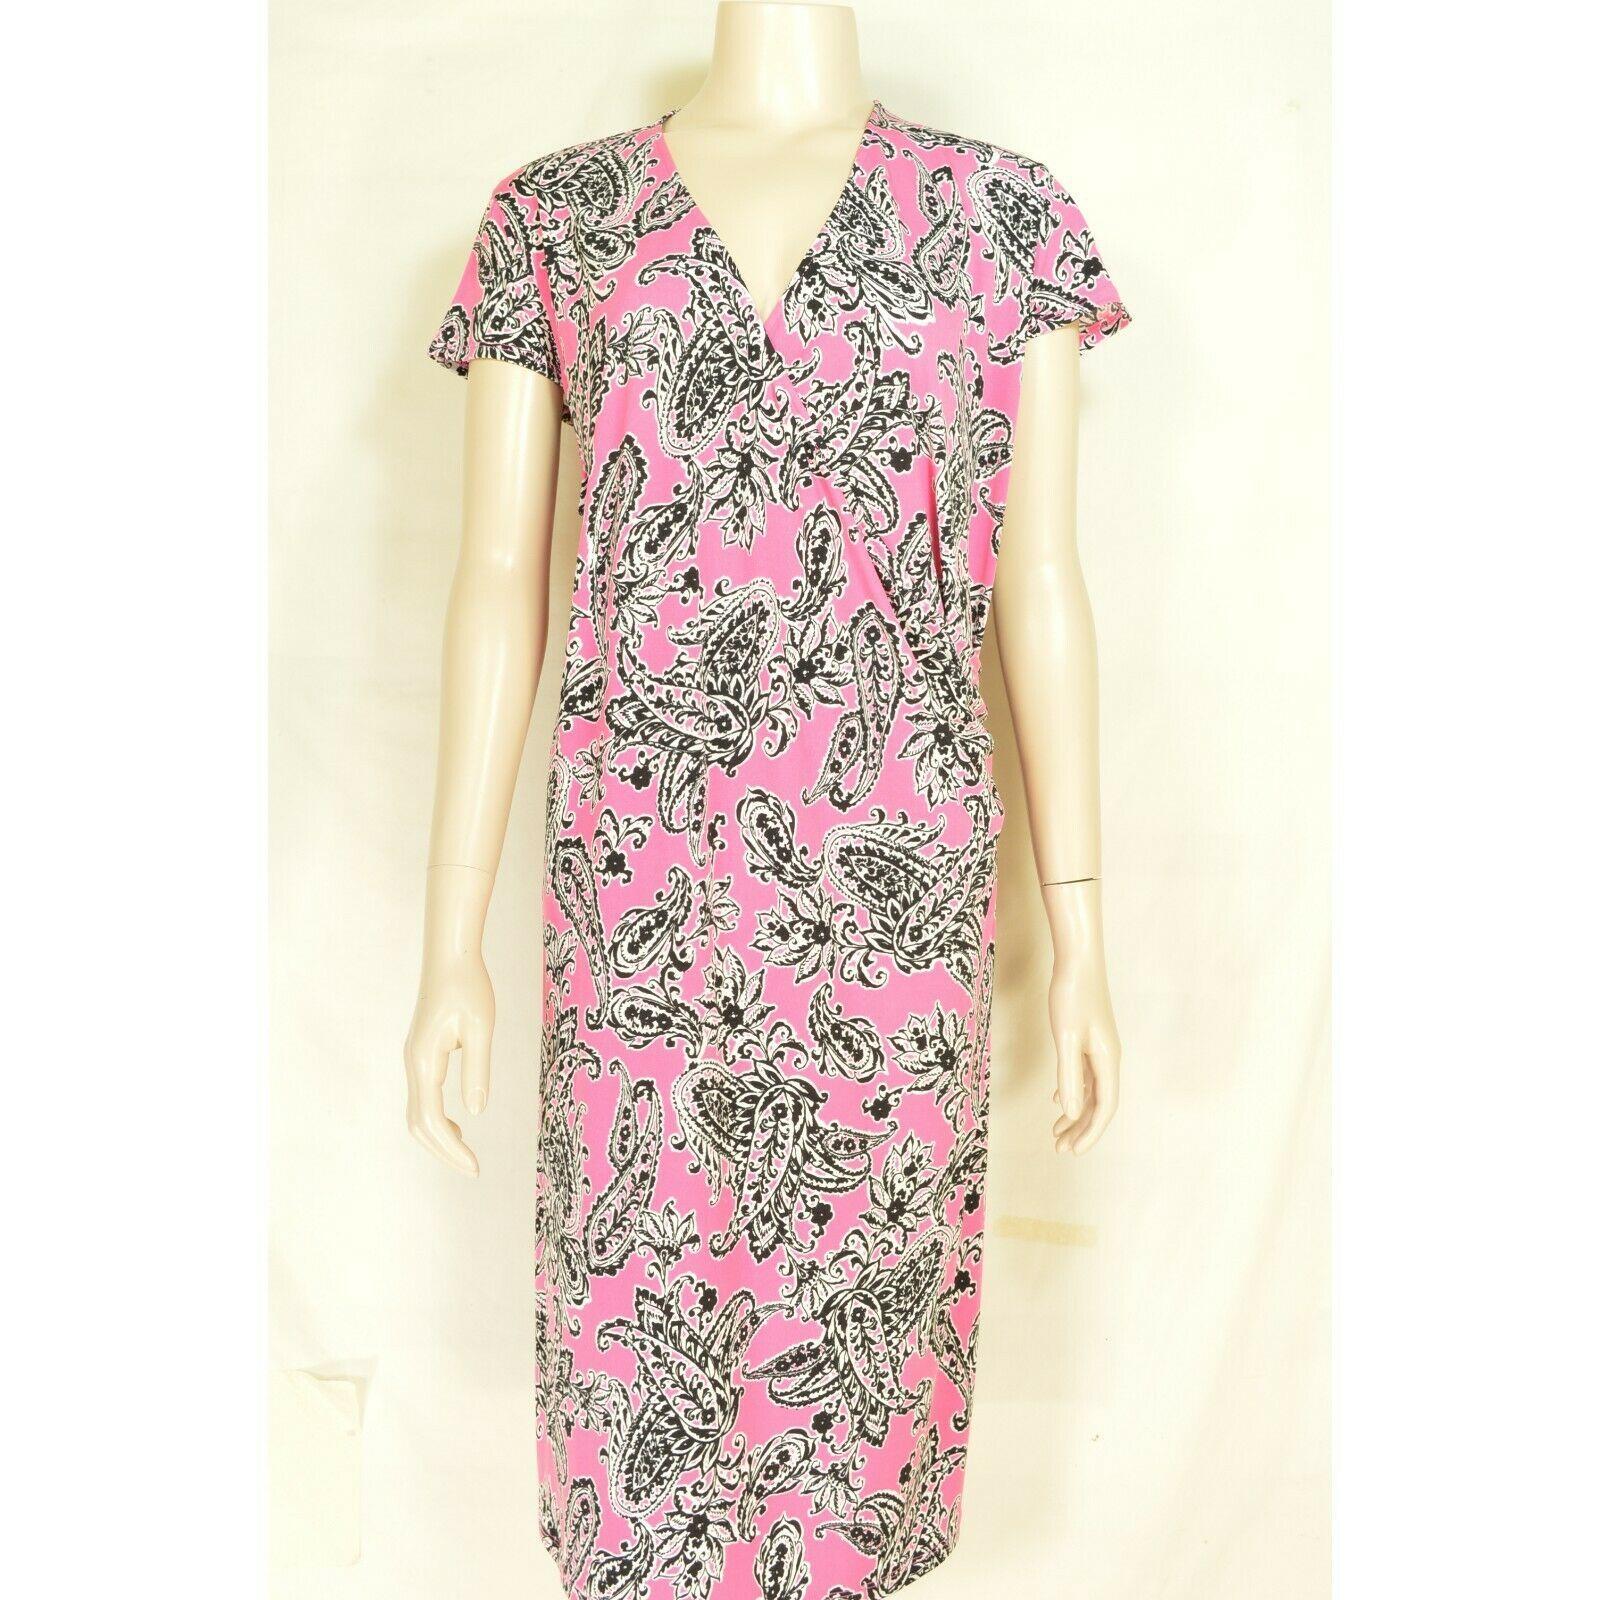 Jones New York dress 2X NWT faux wrap pink black white paisley jersey knit